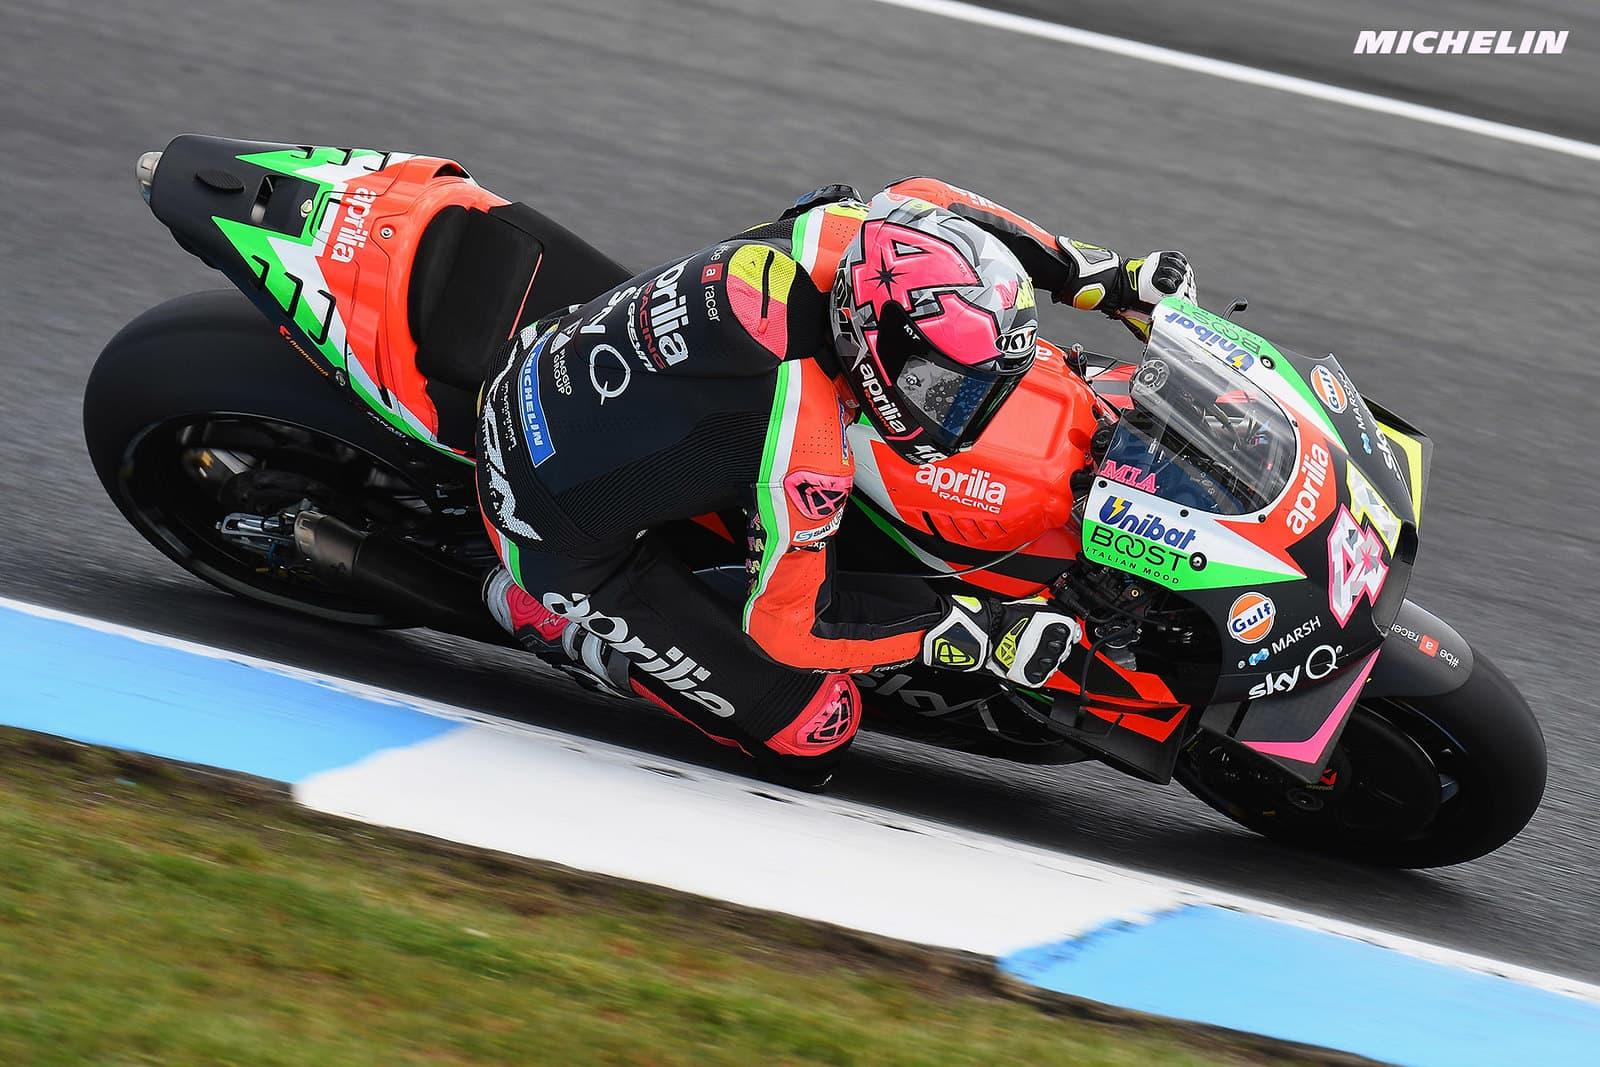 MotoGP2019オーストラリアGP 10位アレイシ・エスパルガロ「まるでMoto3のようなレースだった」